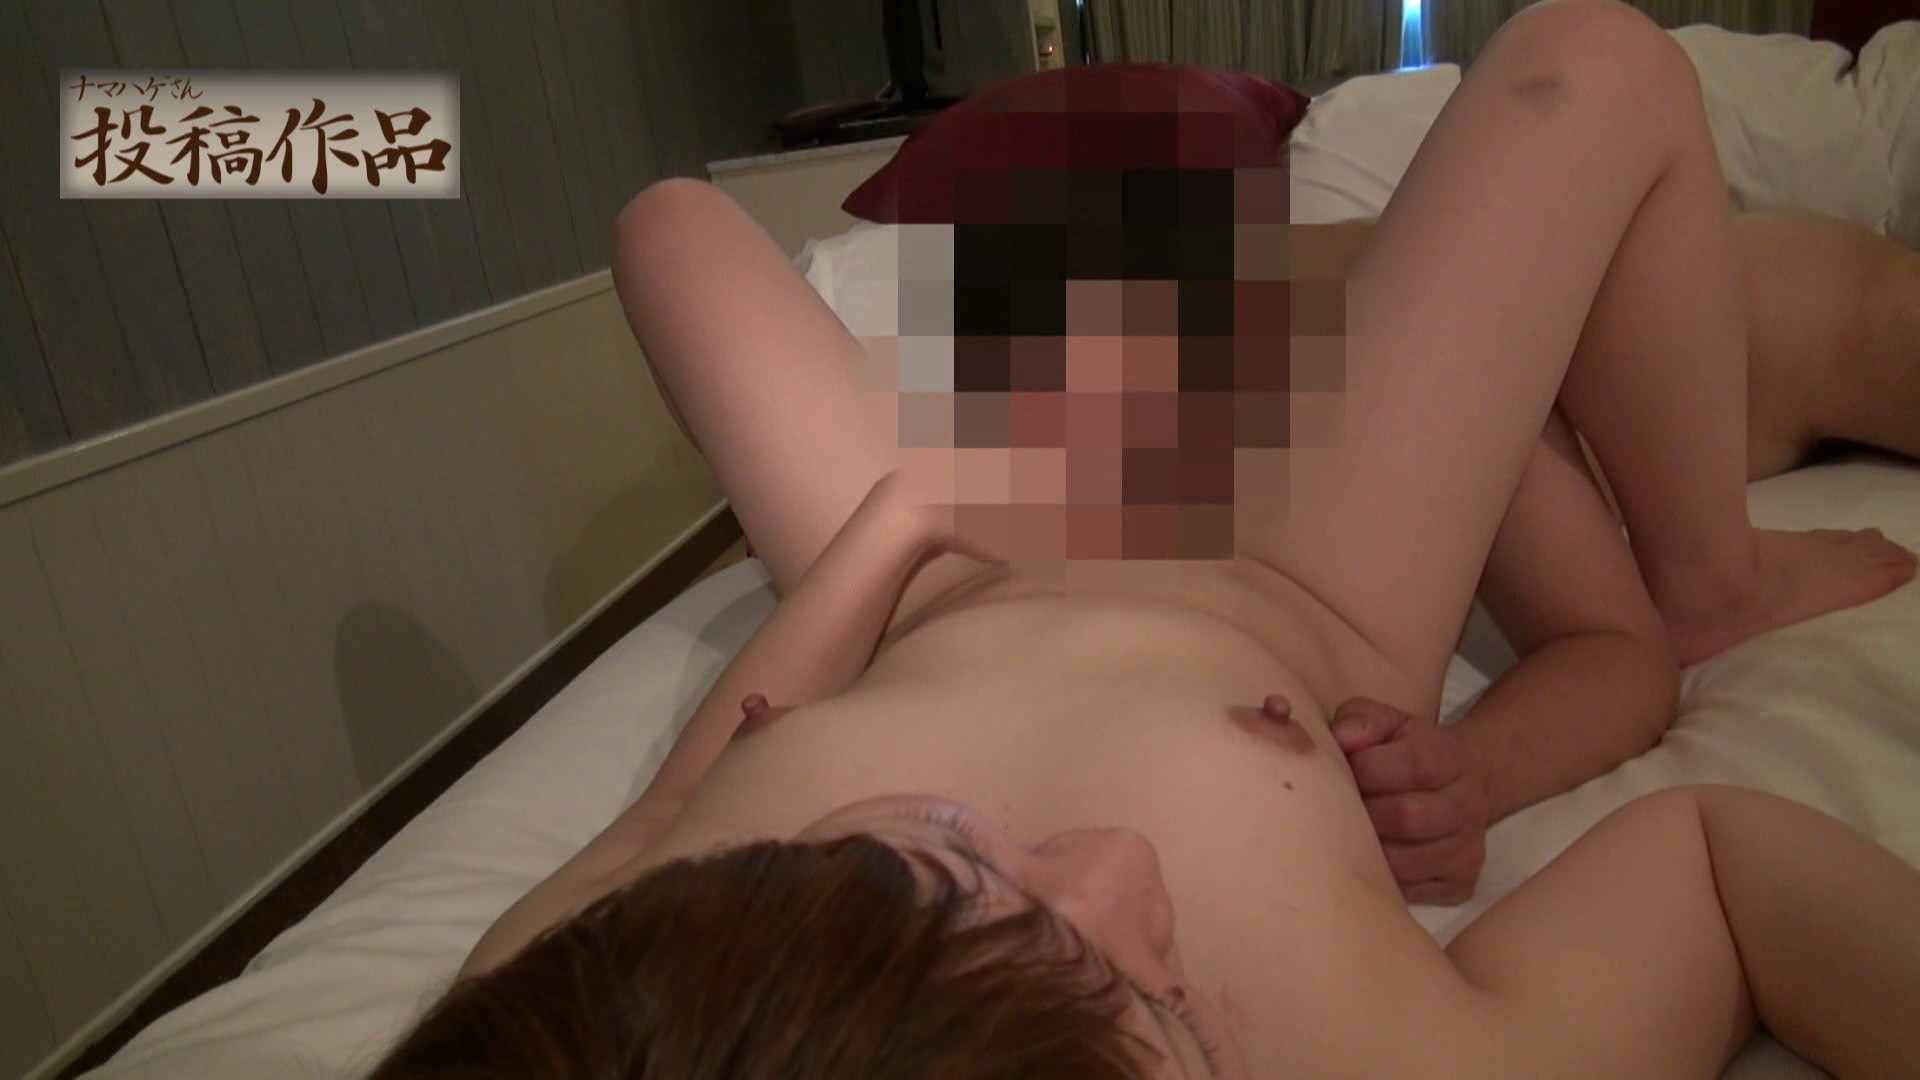 ナマハゲさんのまんこコレクション第二章 mimi02 OLの裸事情 オメコ無修正動画無料 108枚 14